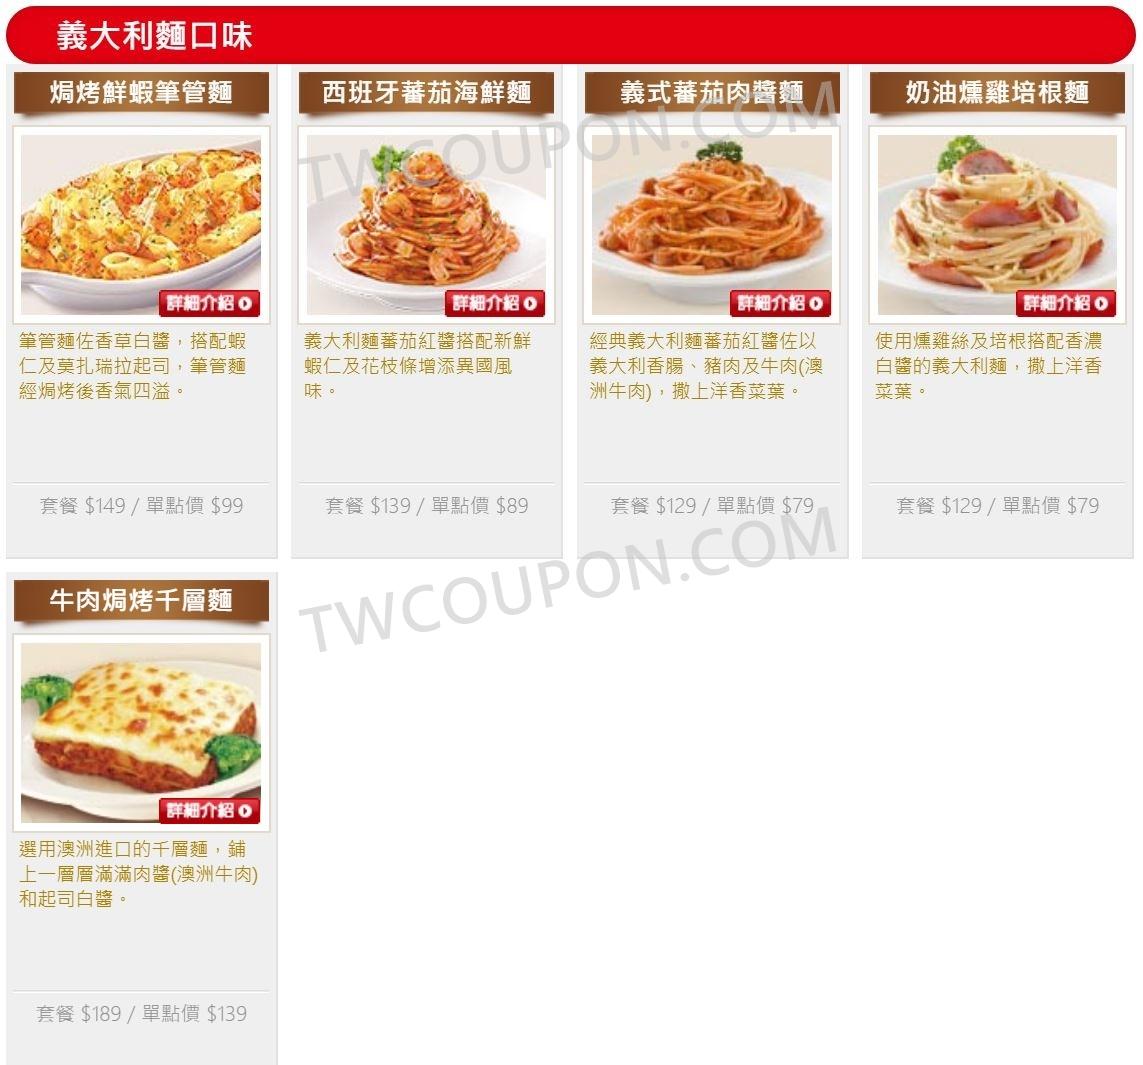 必勝客義大利麵口味菜單